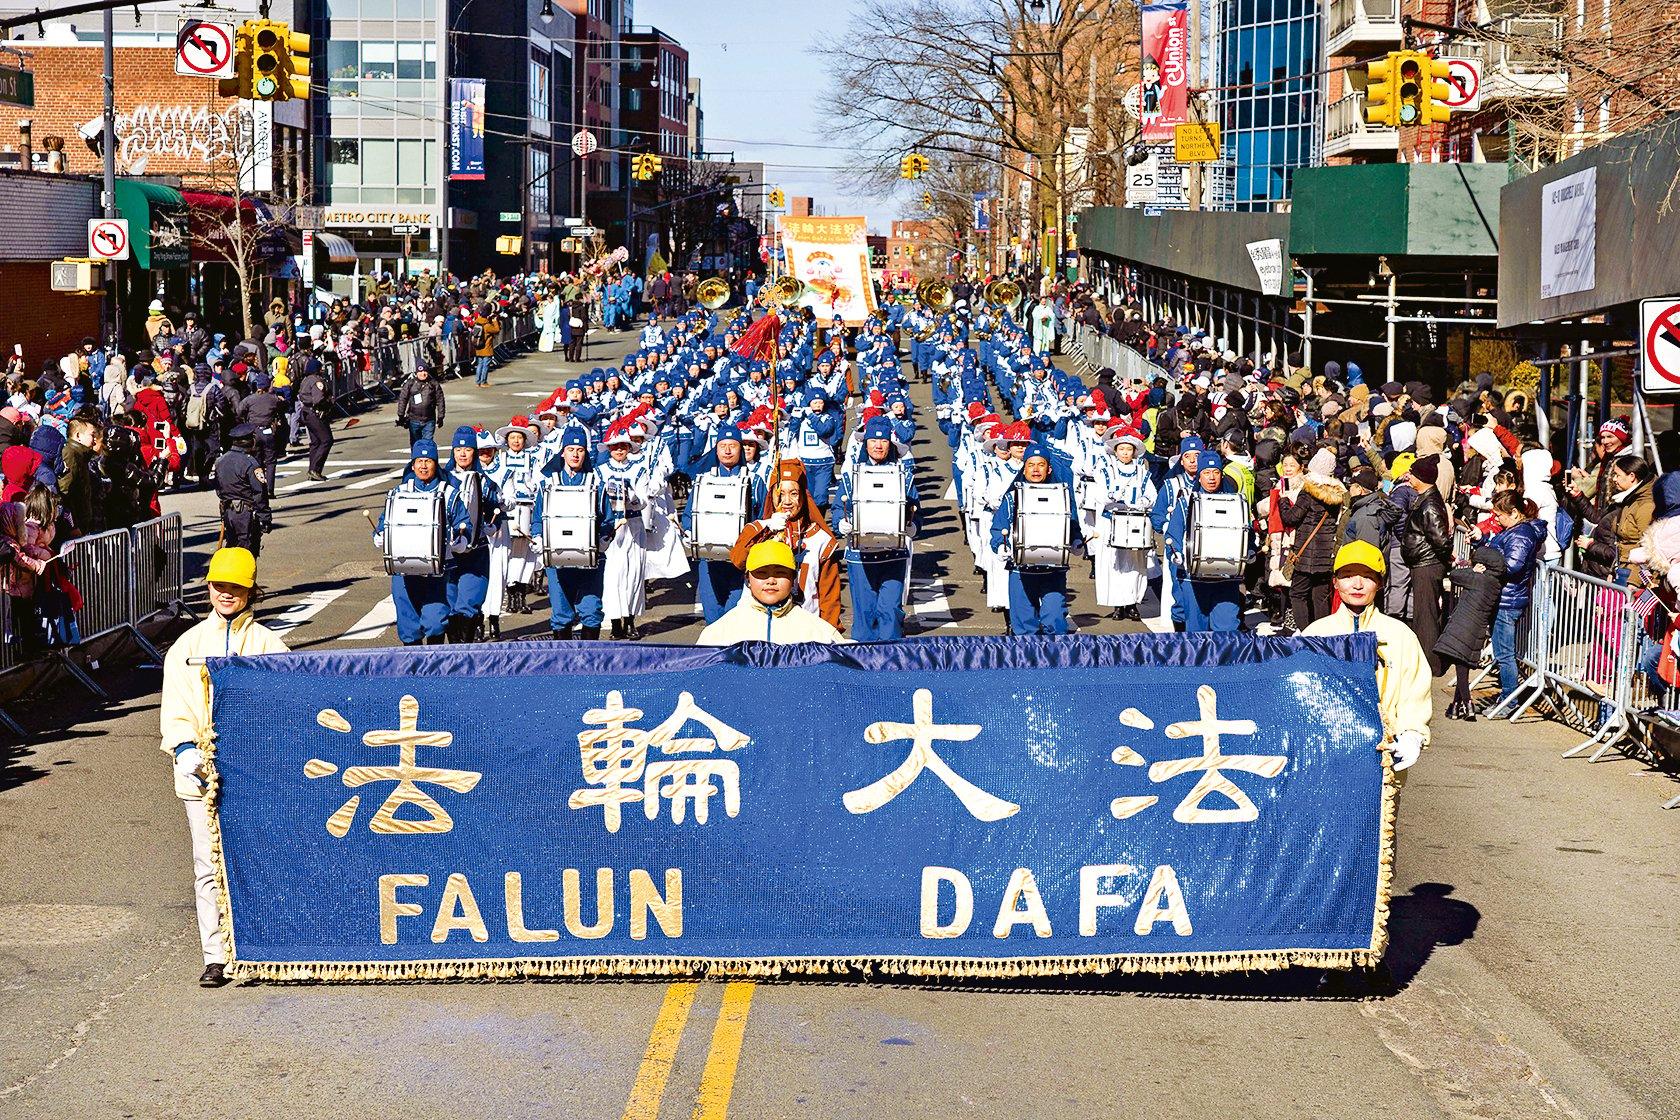 2月9日紐約法拉盛中國新年遊行, 法輪功隊伍以聲勢浩大的天國樂團開道,以嘹亮的鼓樂送上了新年的祝福。(大紀元)